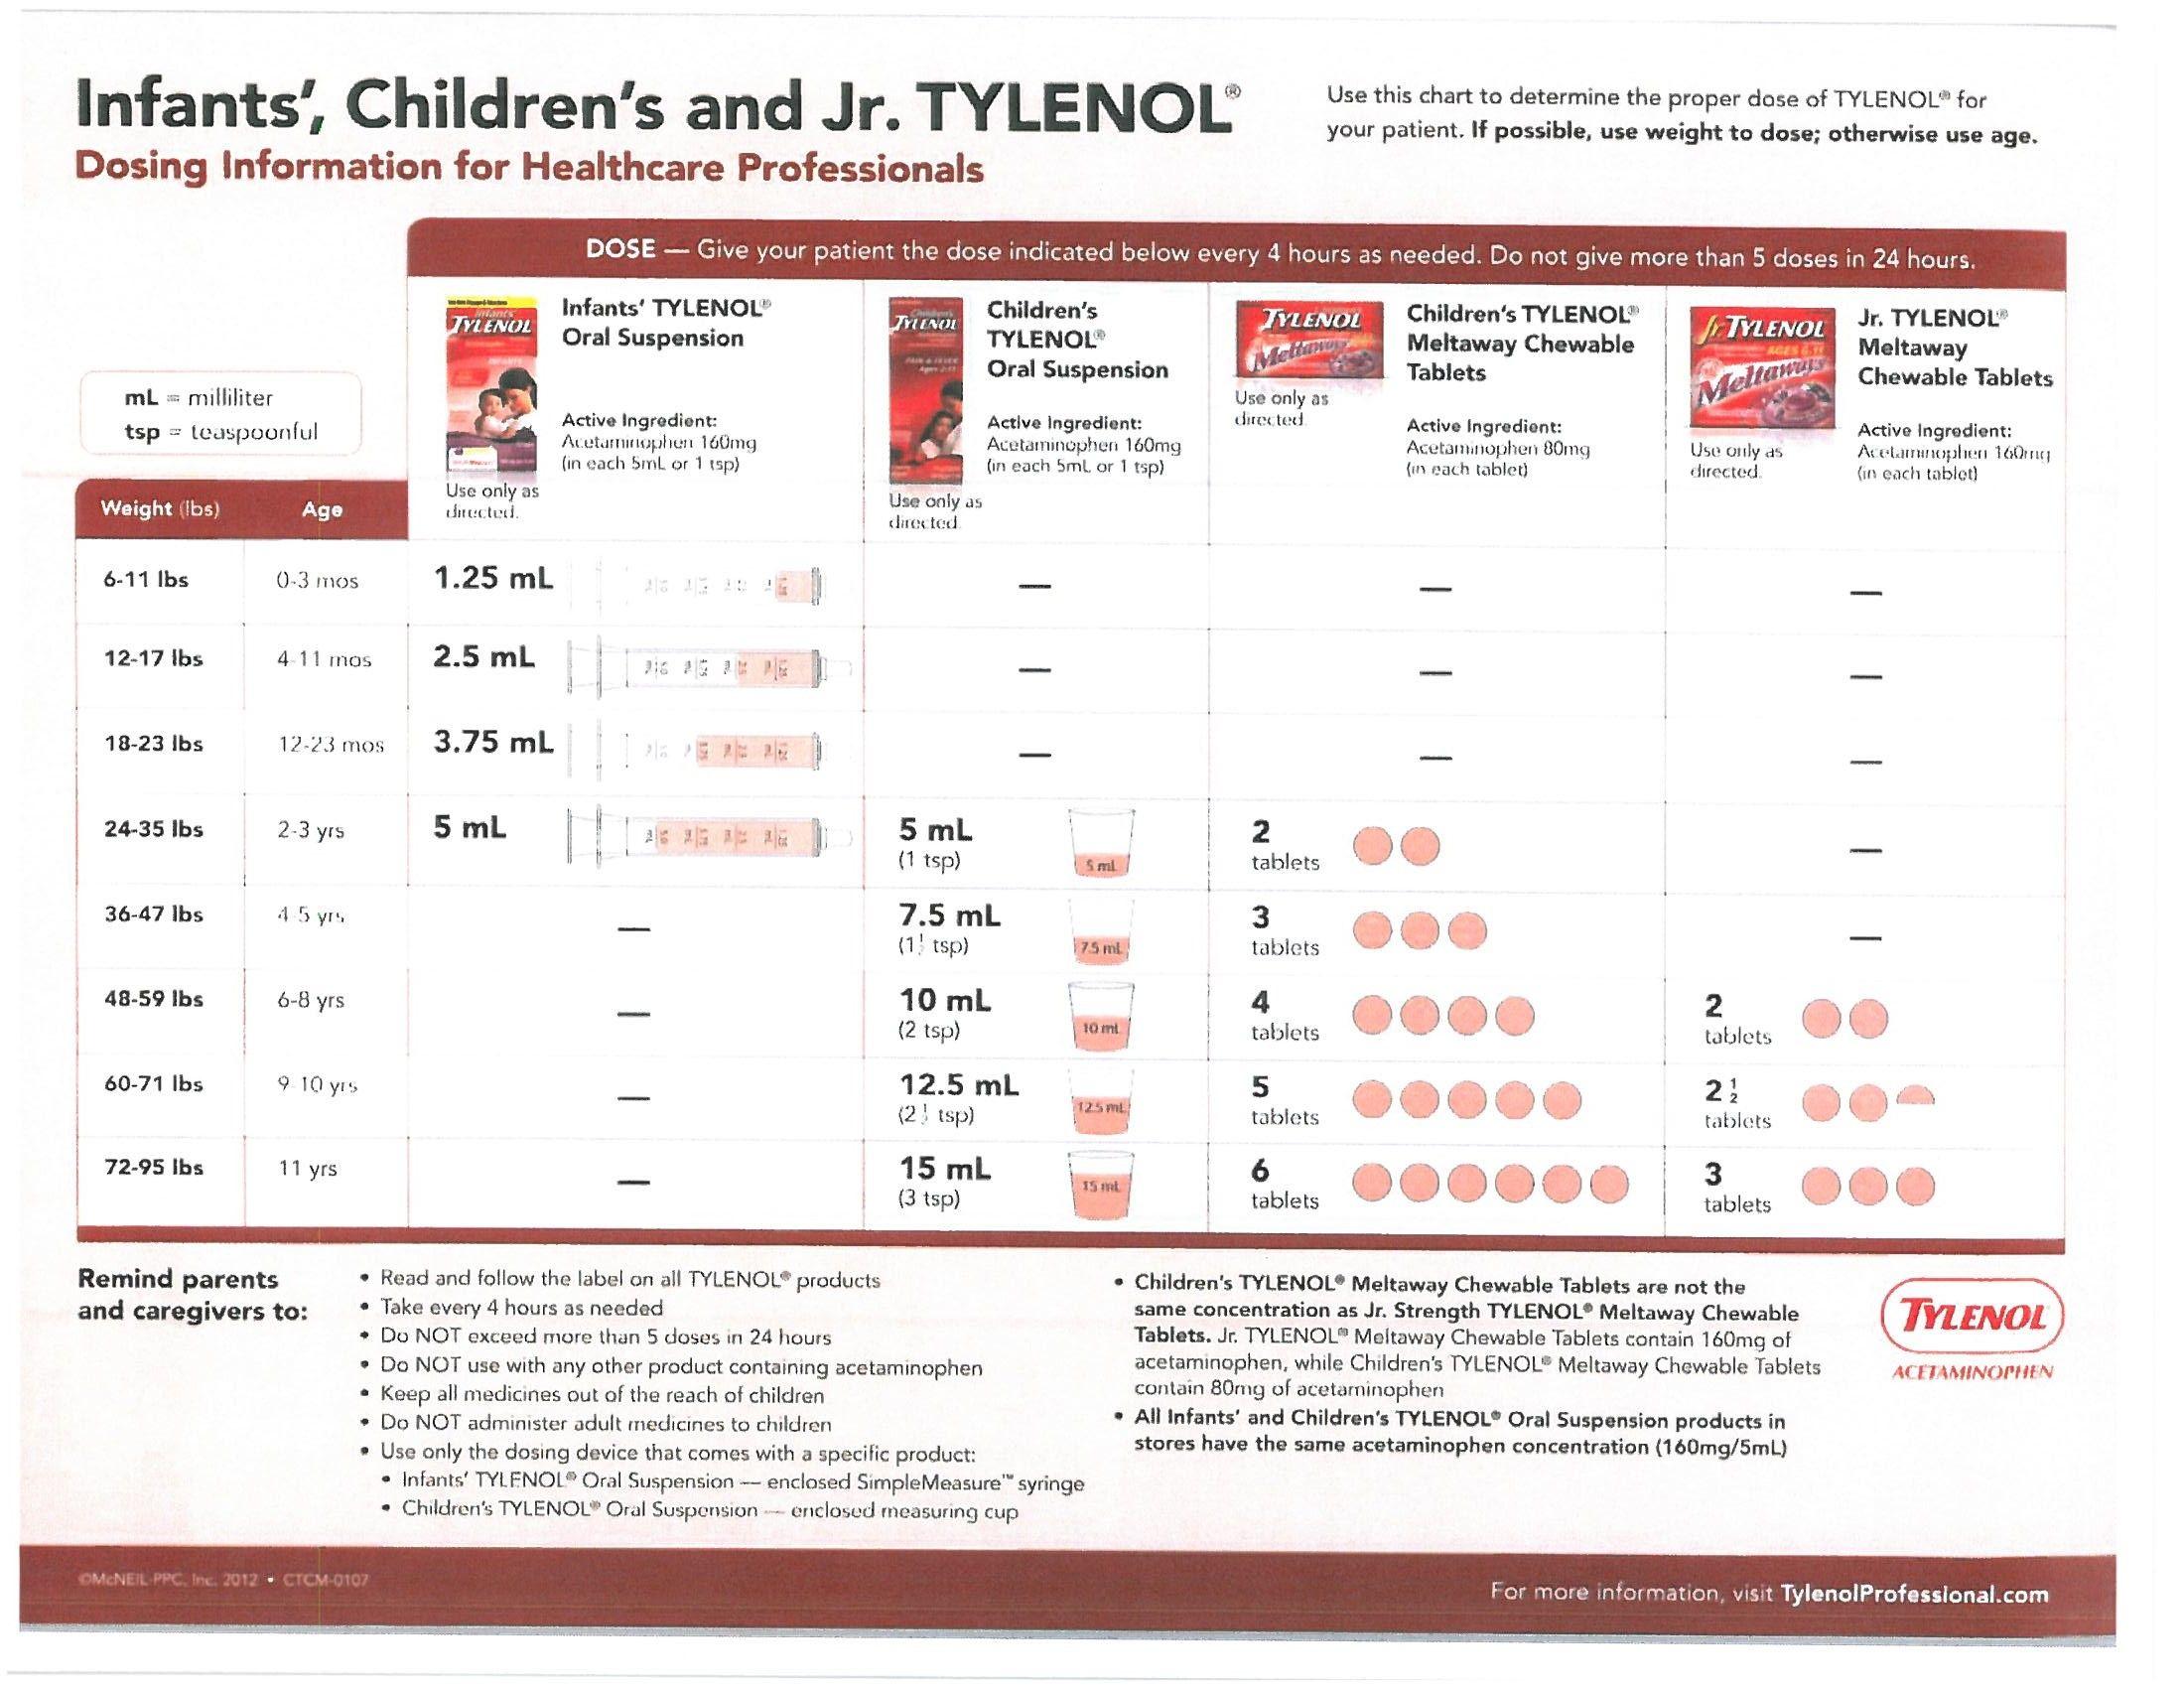 Tylenol acetaminophen dosage information infants children  and jr also rh pinterest